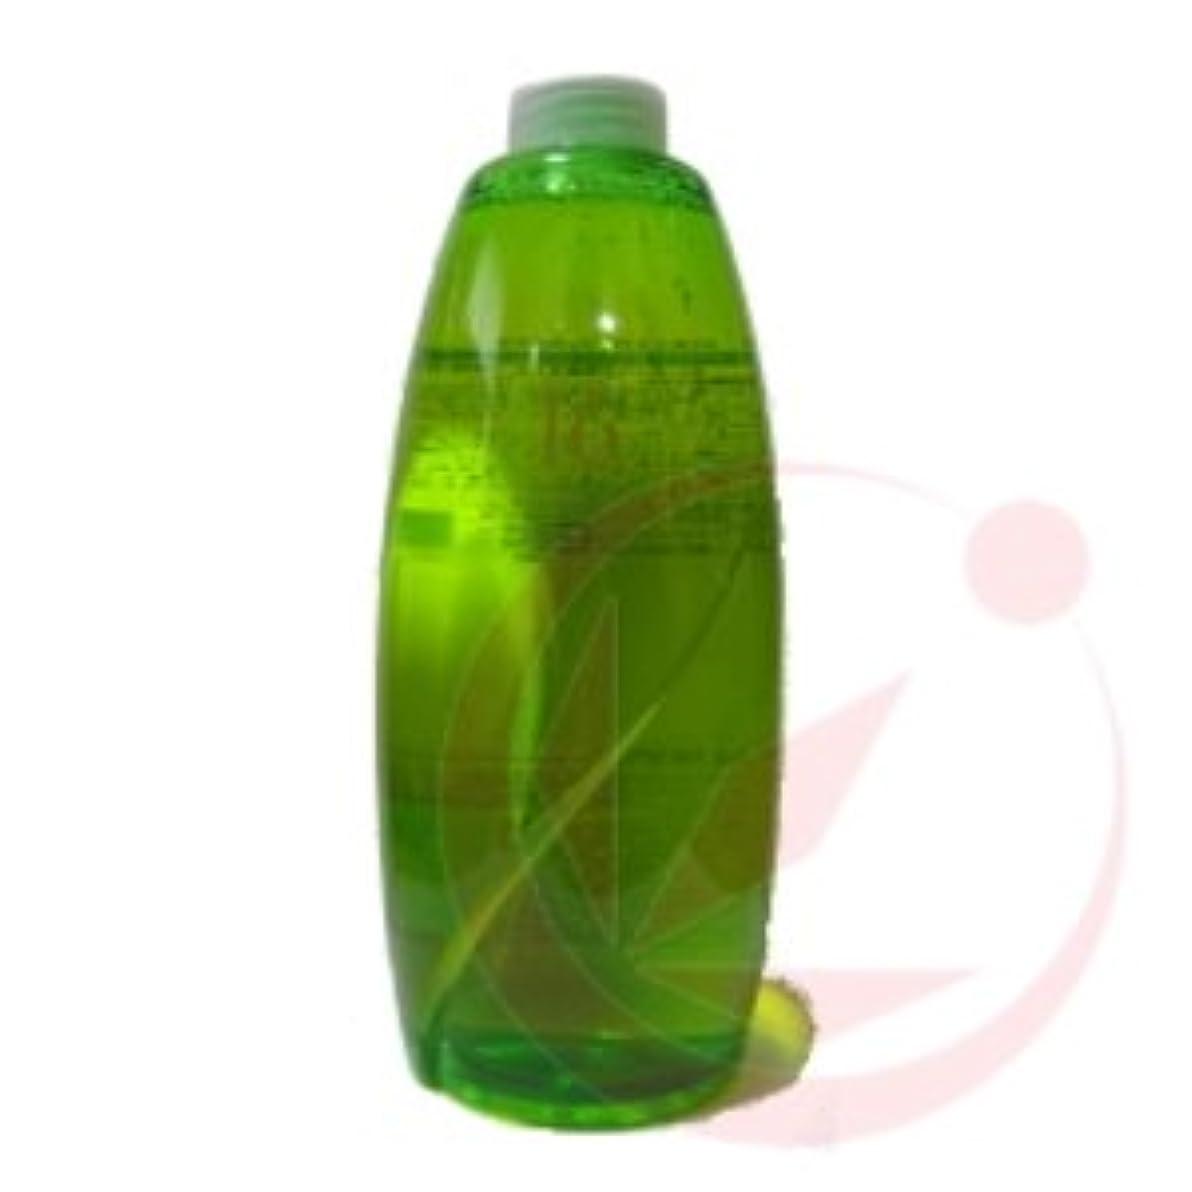 補助バスクモハホニコ 十六油(じゅうろくゆ) 1000ml(業務?詰替用)【16油】